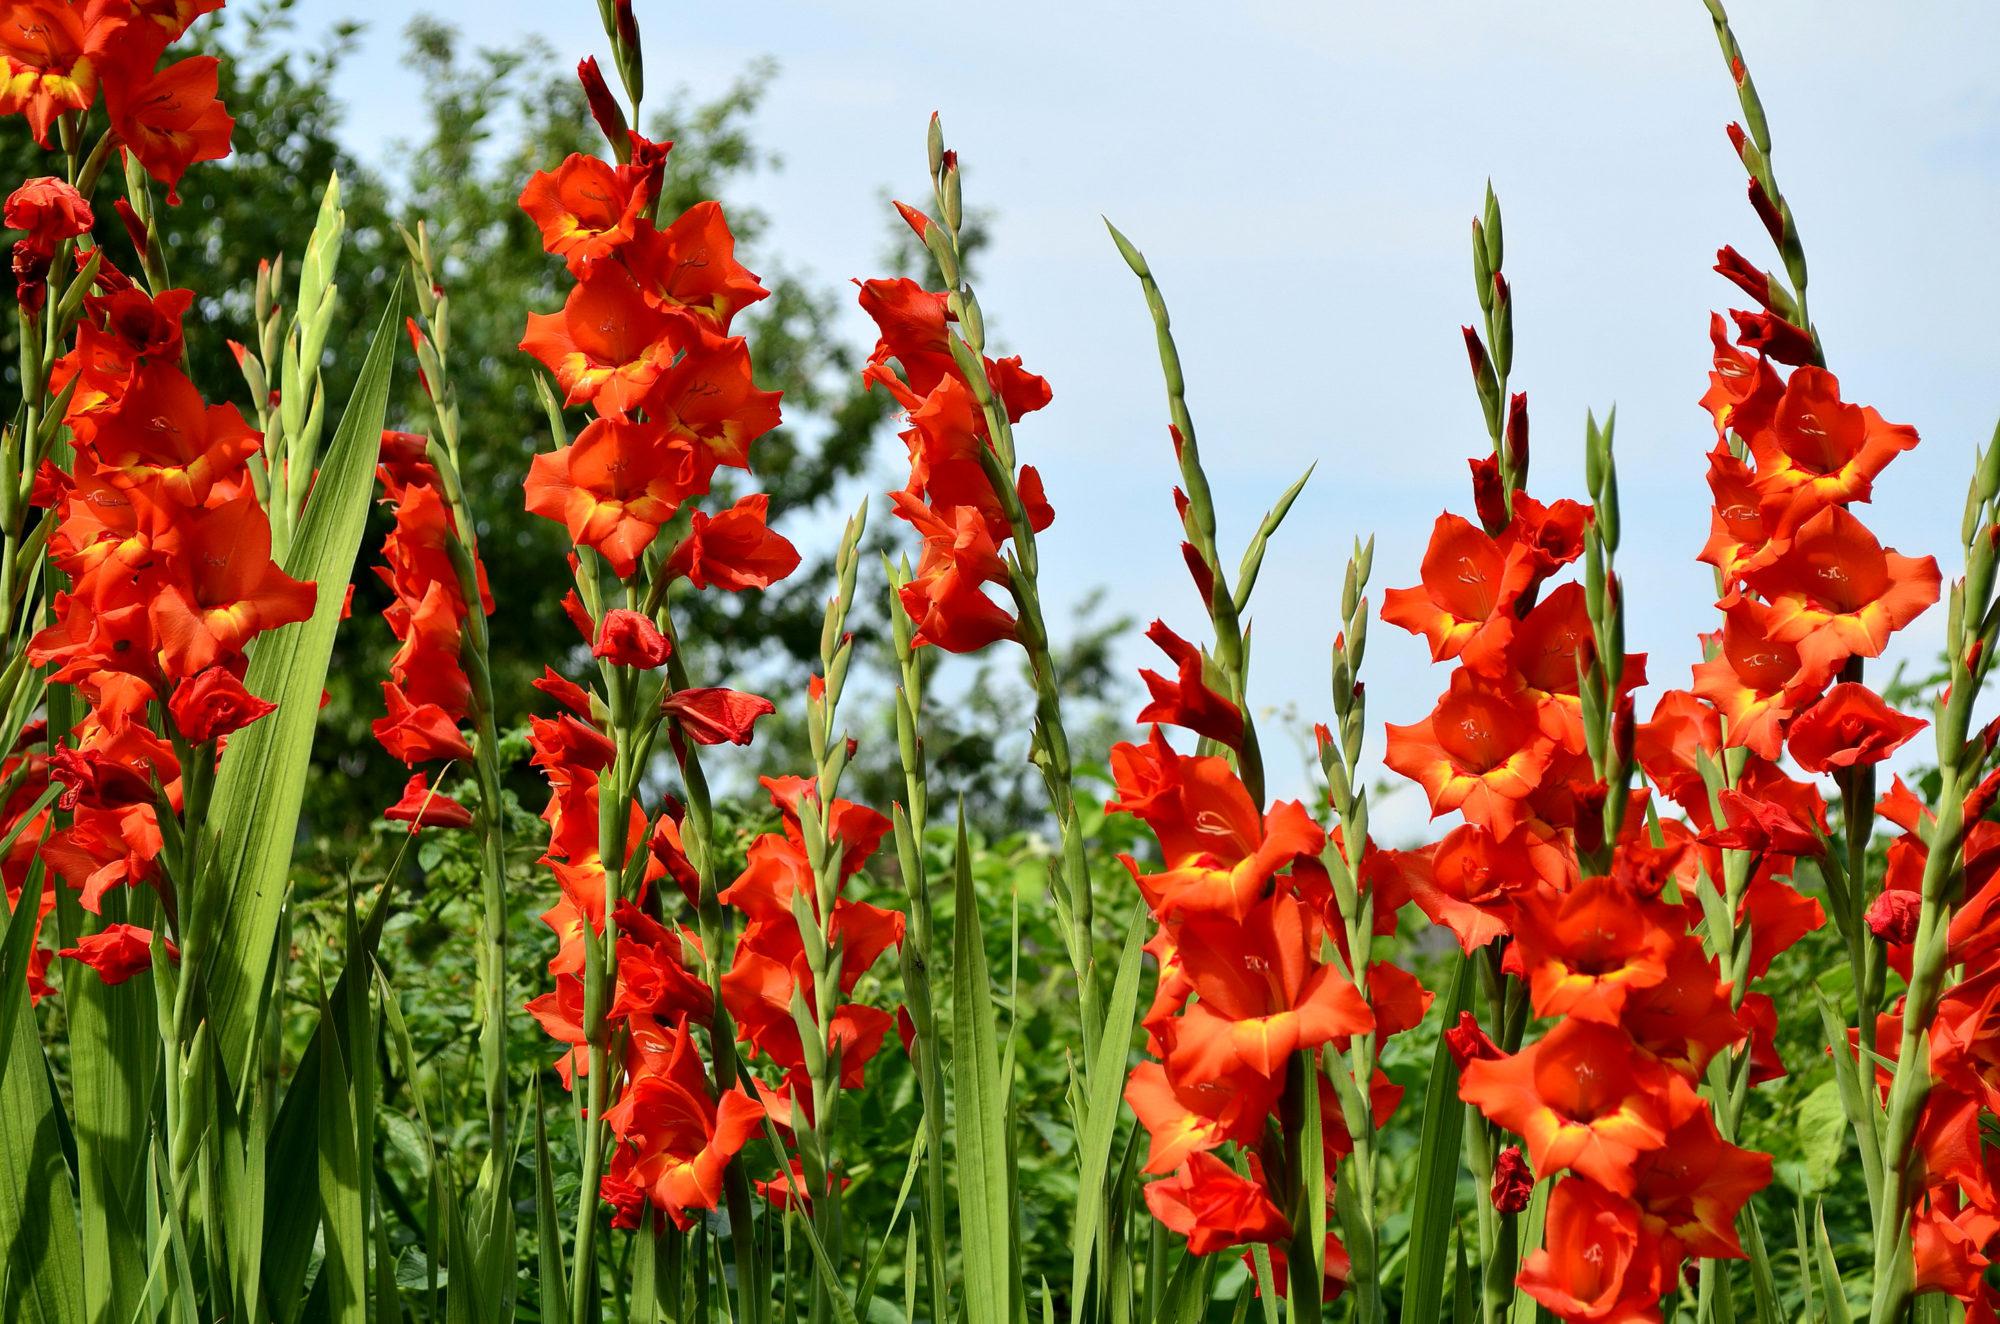 Гладиолусы цветут красным цветом